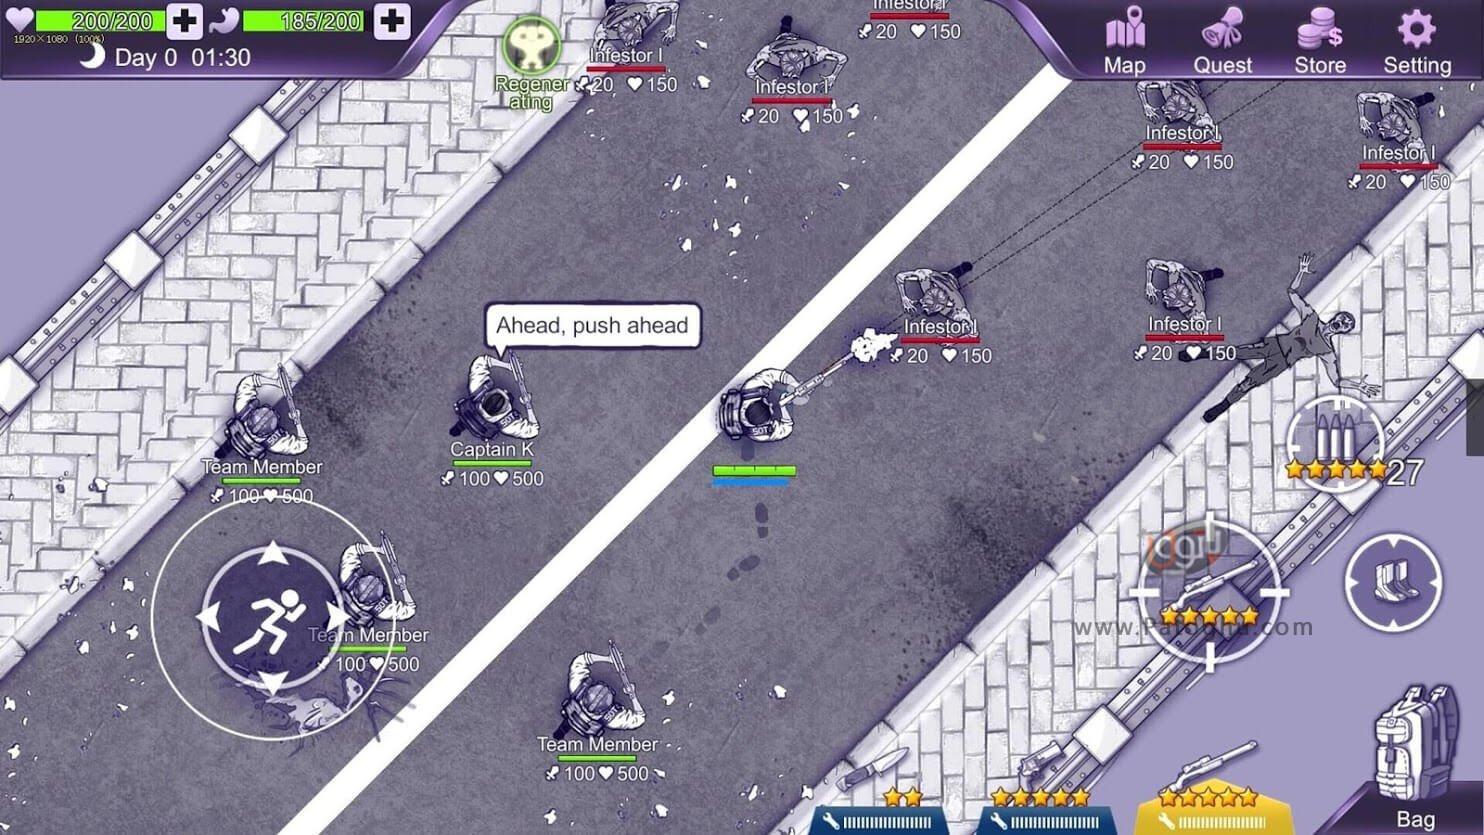 دانلود بازی Ares Virus برای اندروید 2